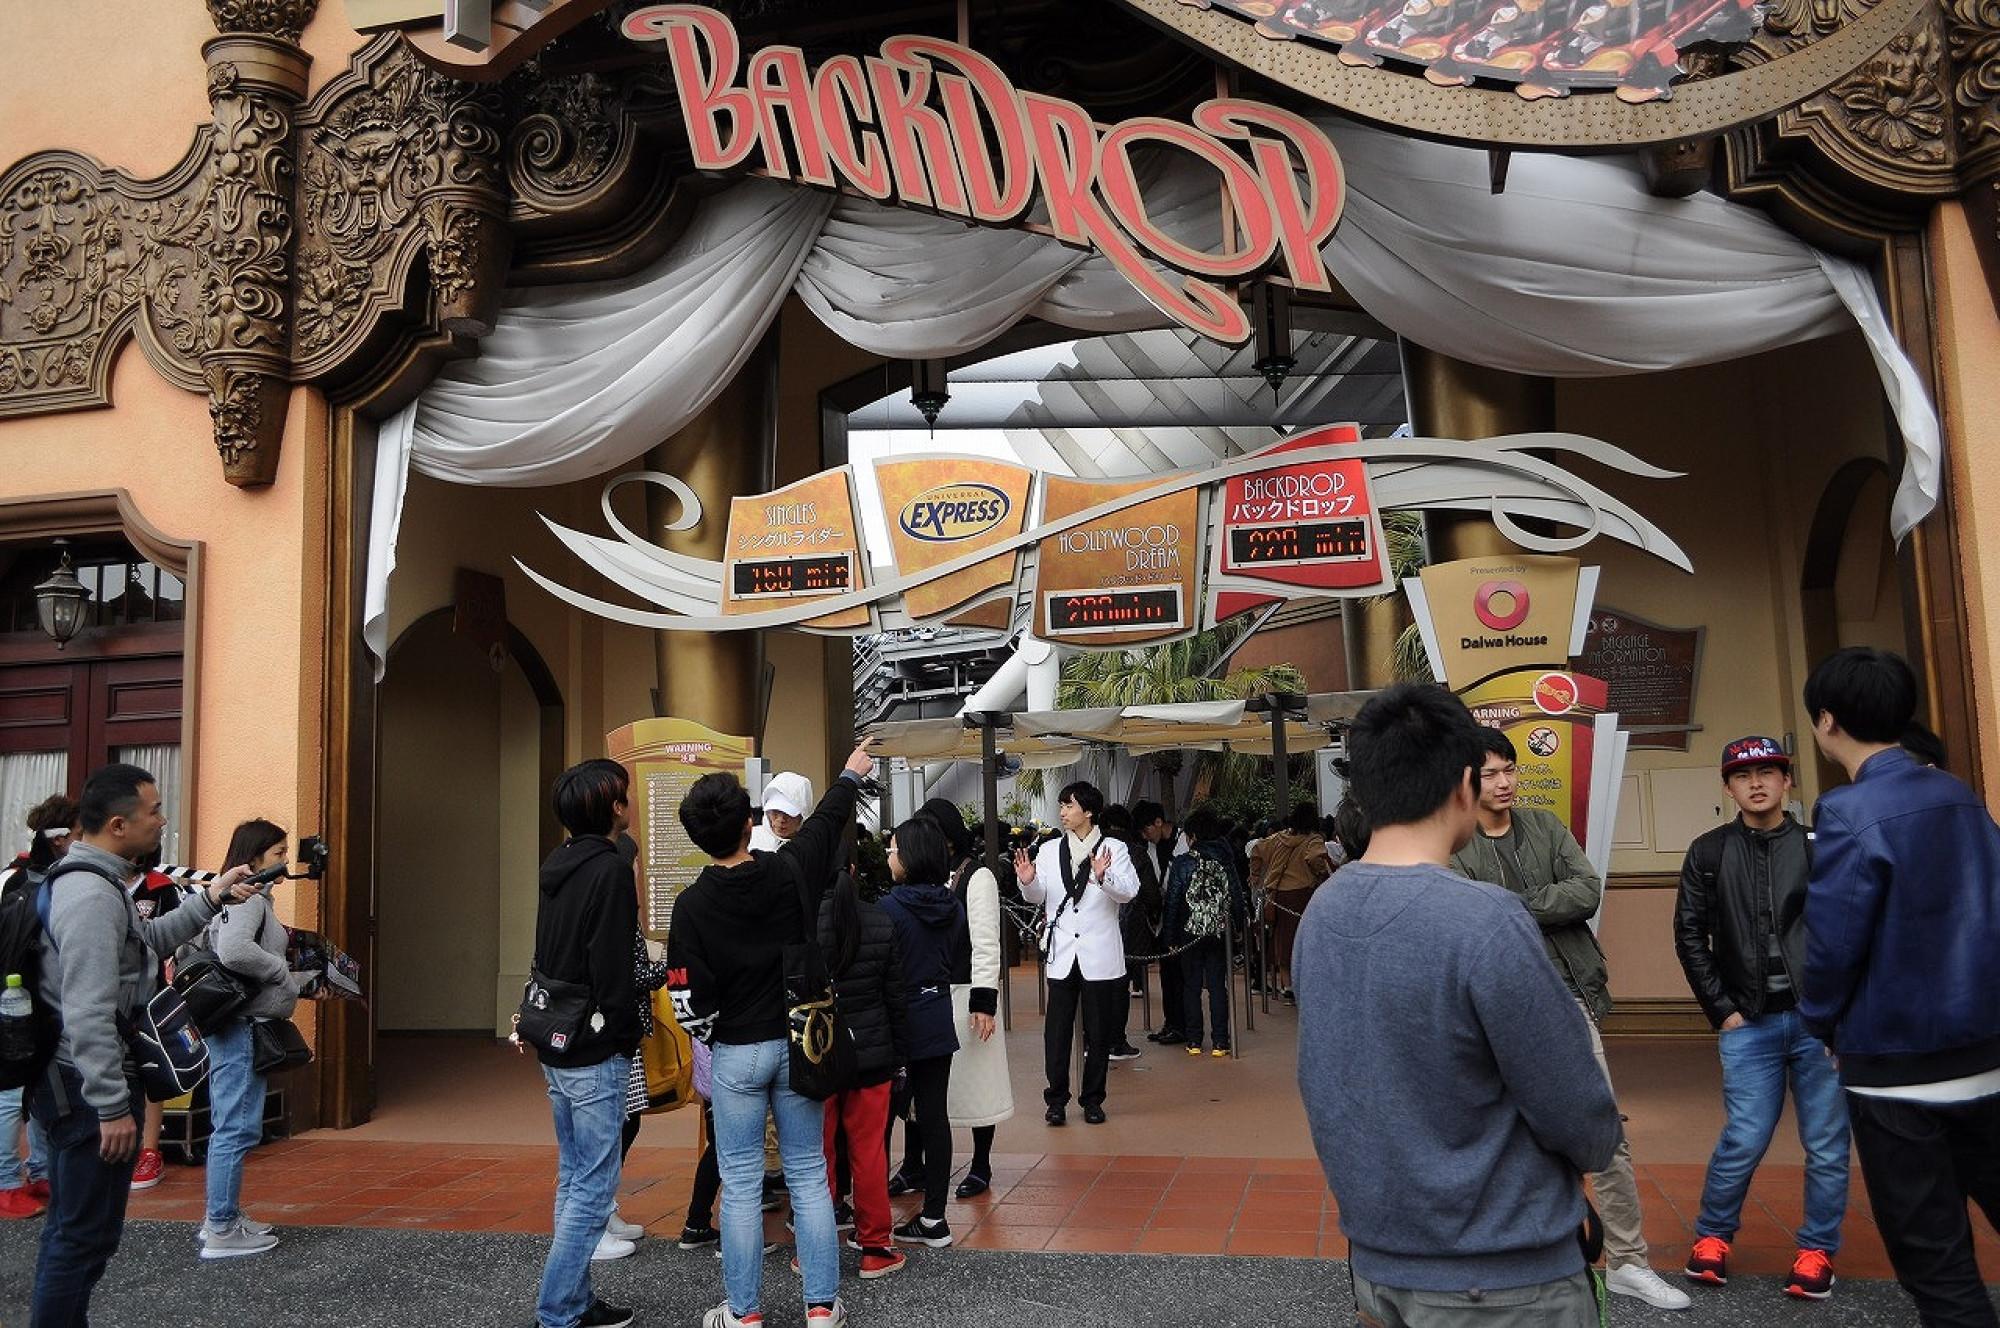 ハリウッドドリームザライドの待ち時間表示